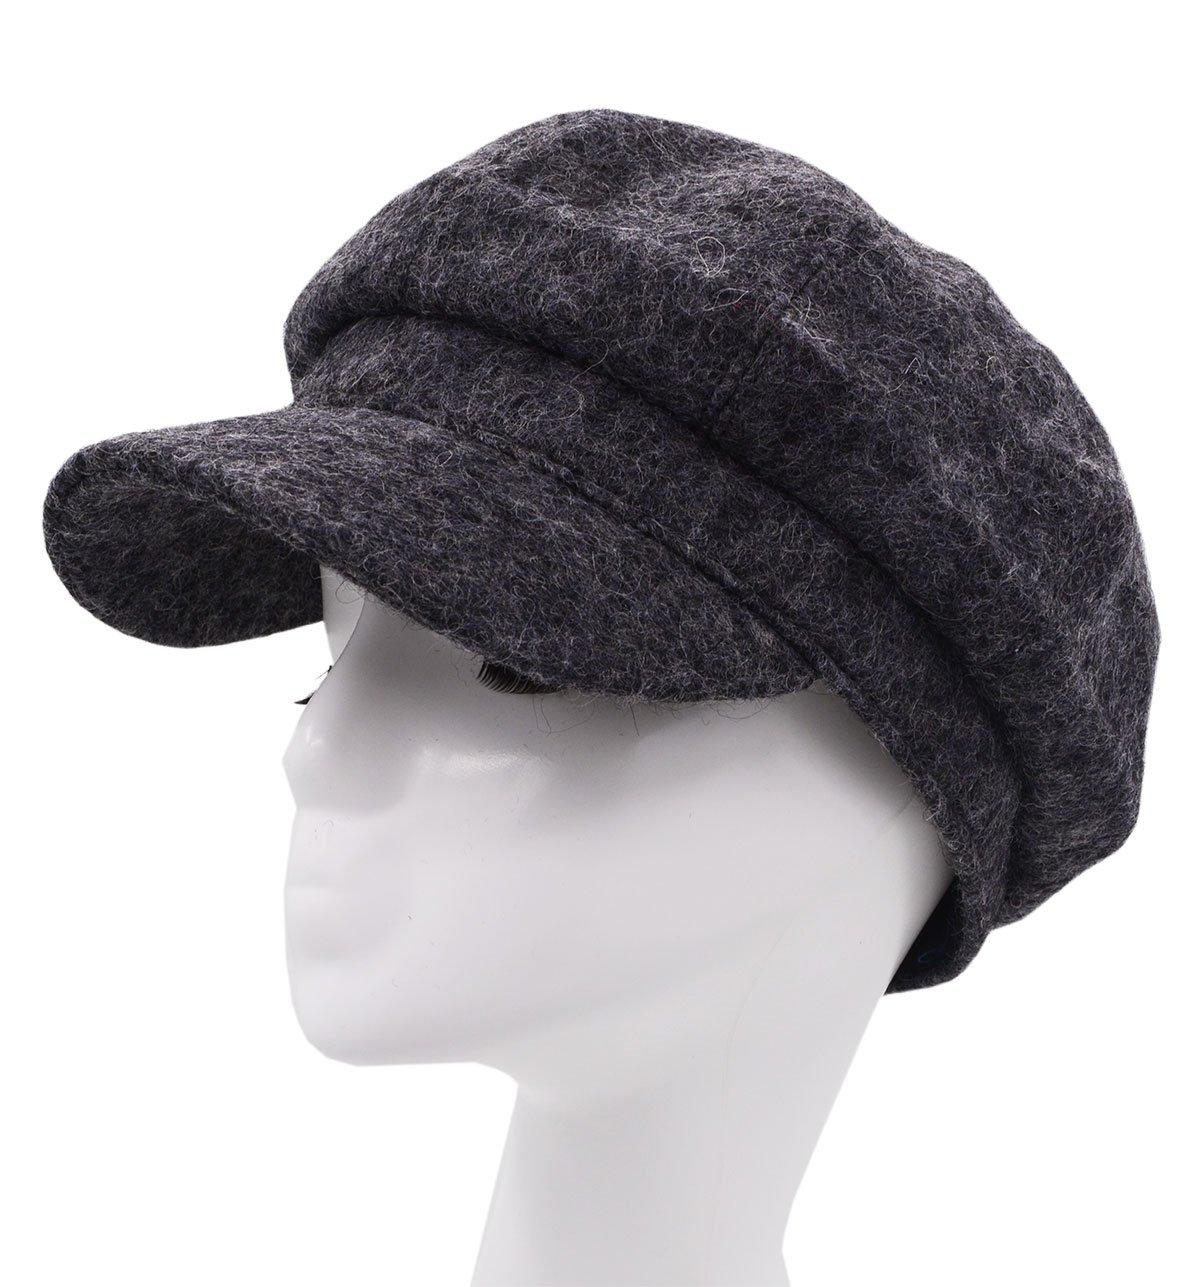 Meifan Fashions Hats,Woman Winter Beret Duckbill Newsboy Hat (Dark Gray) by Meifan